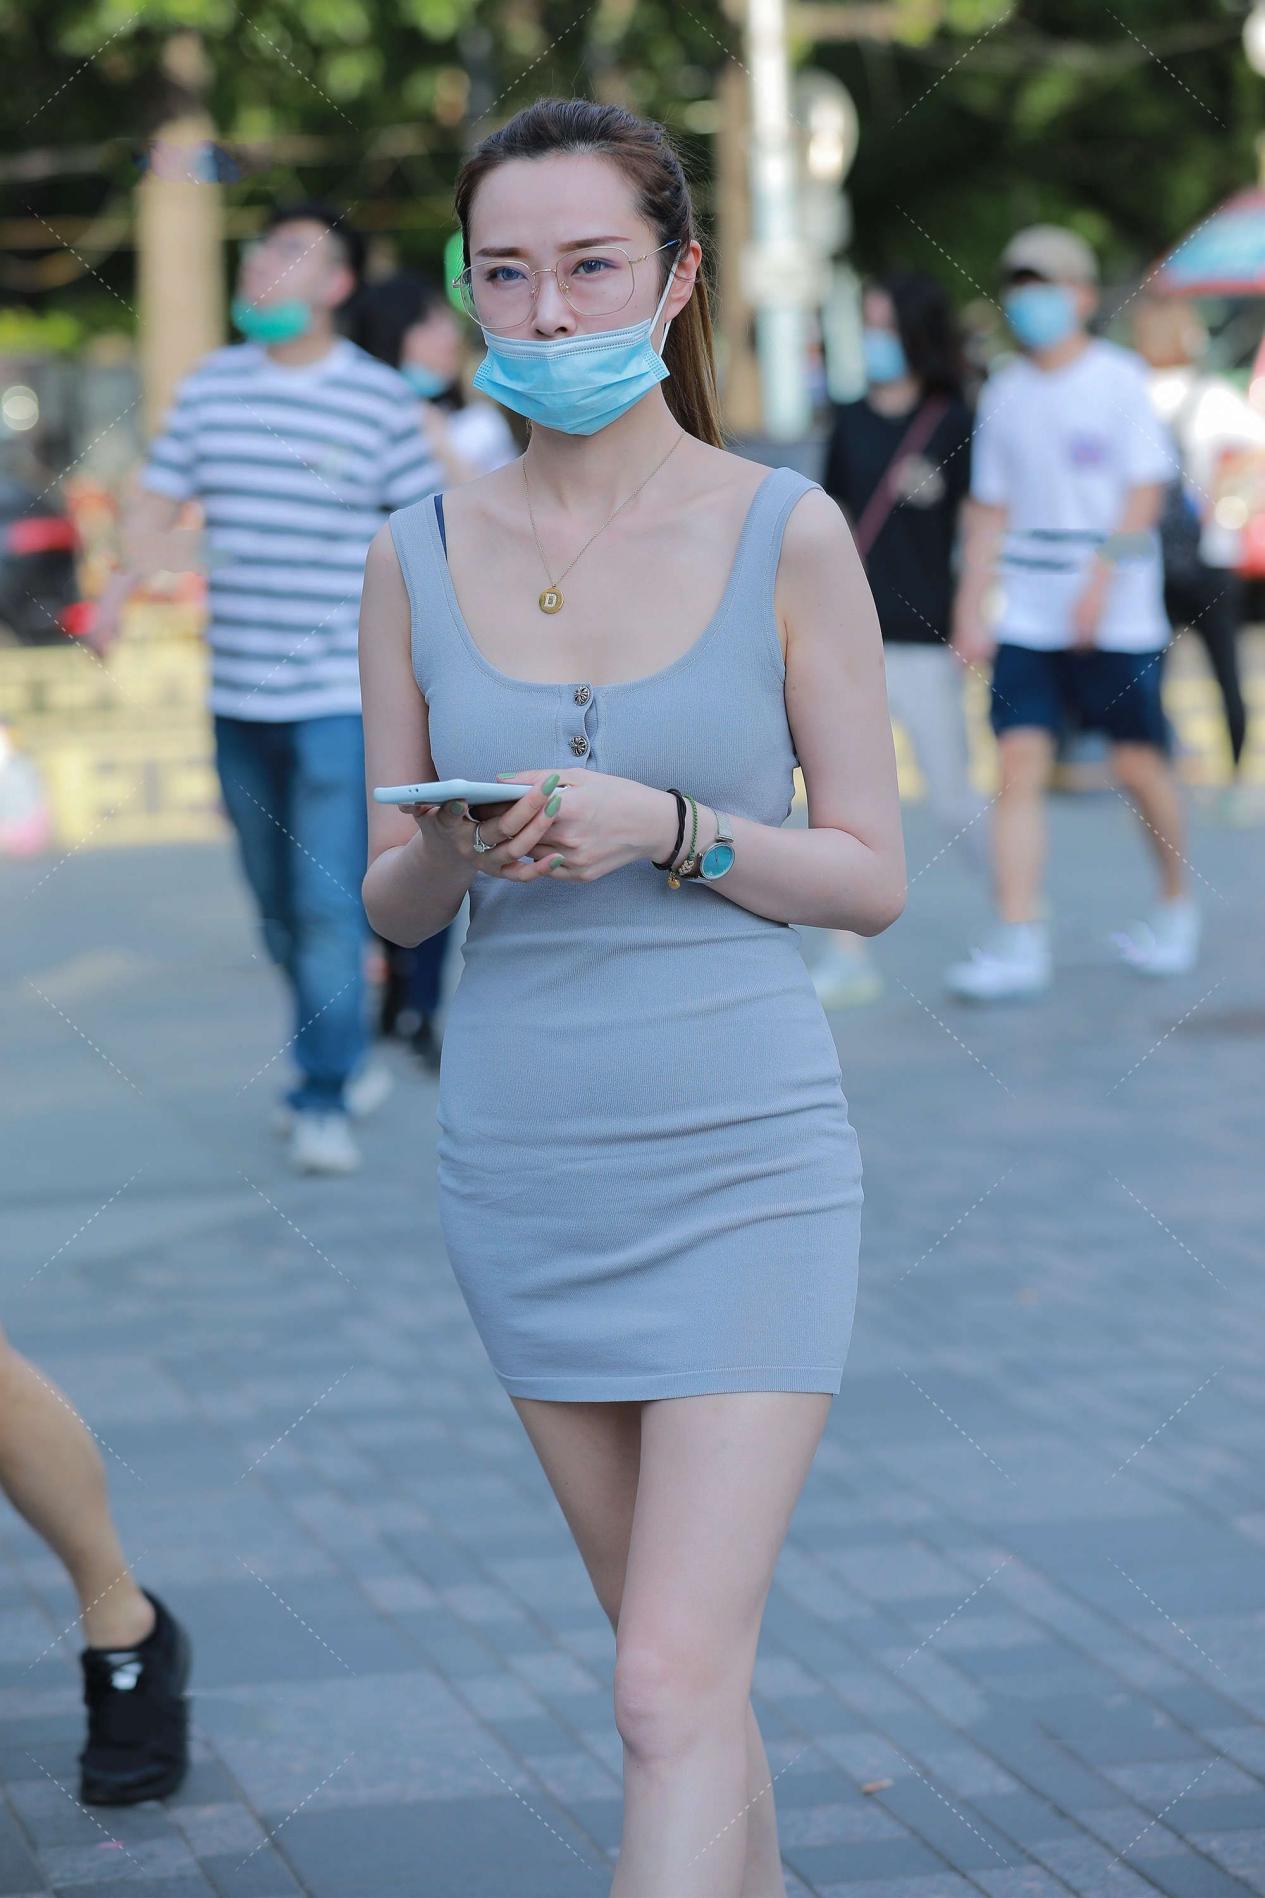 清新自然的修身裙,简单的风格,谁又能说一句不爱呢?